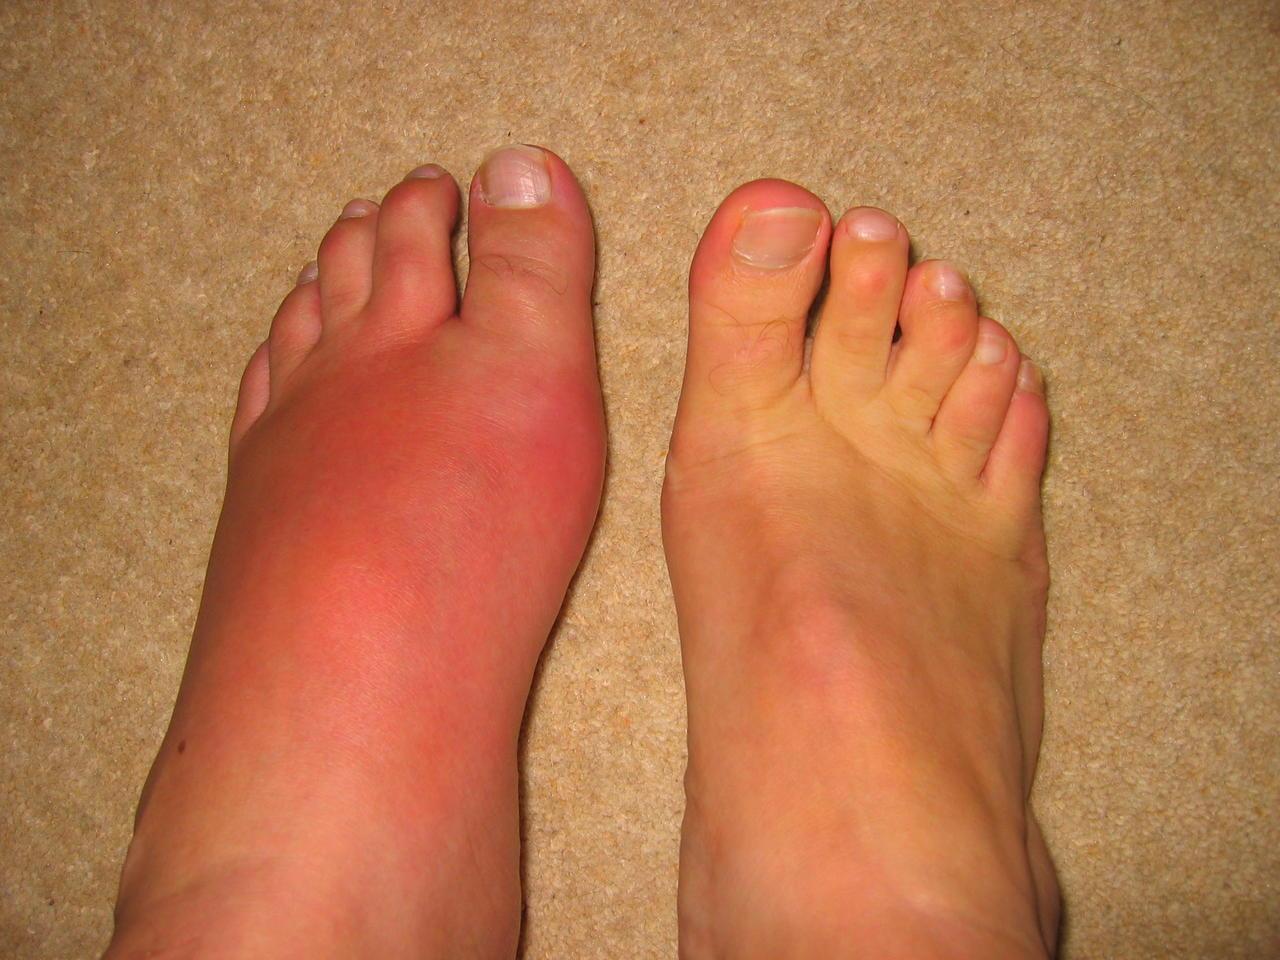 воспалился сустав большого пальца ноги что делать